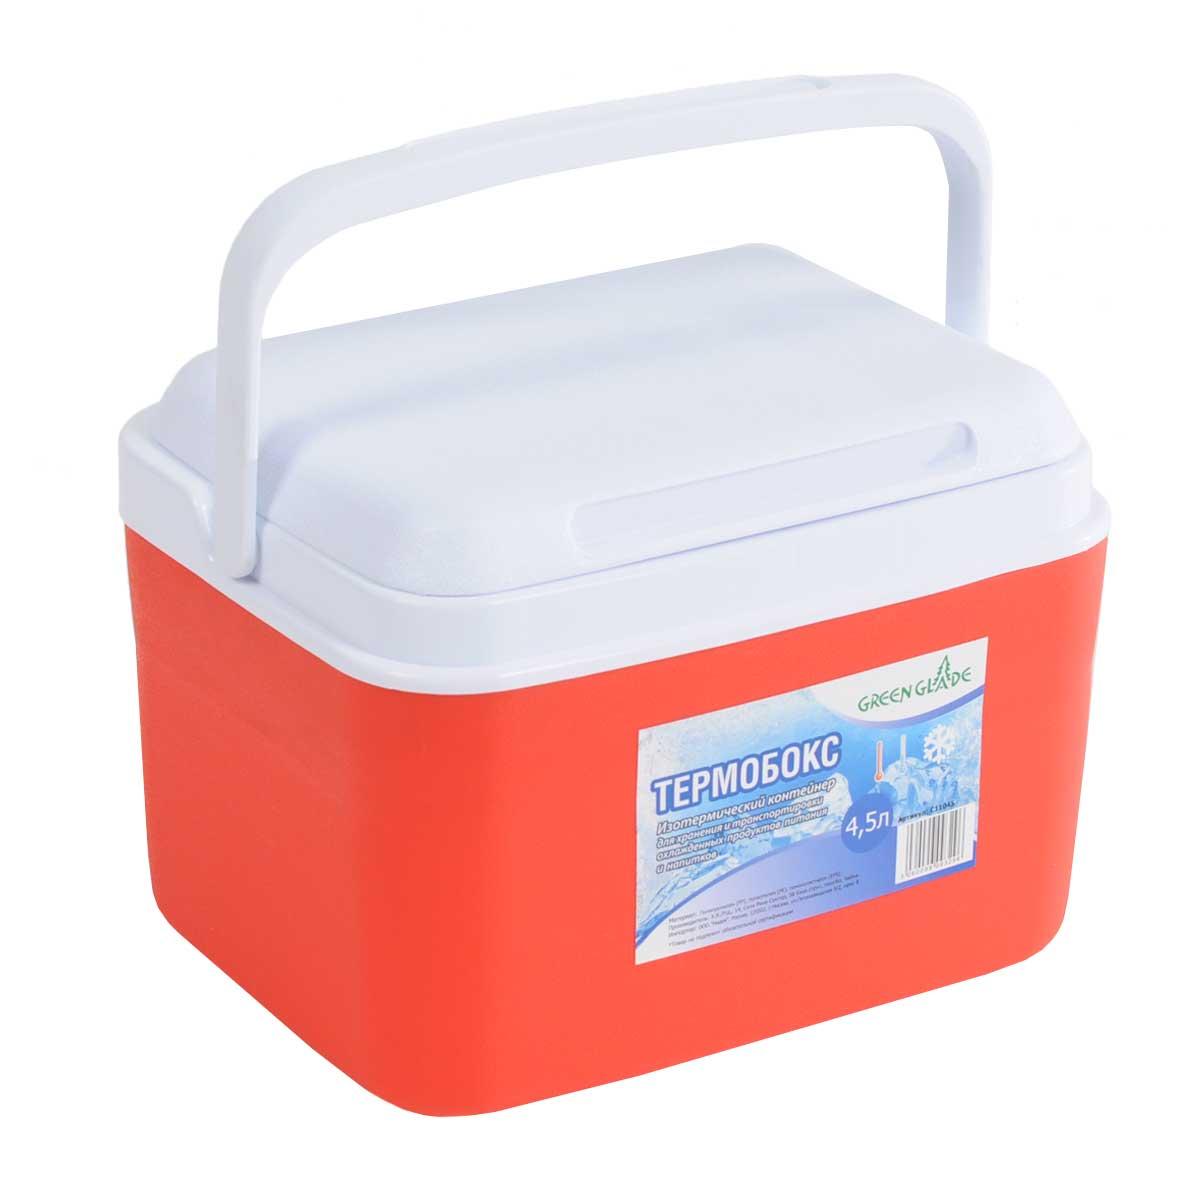 Контейнер изотермический Green Glade, цвет: красный, 4,5 лТЕ150Легкий и прочный изотермический контейнер Green Glade предназначен для сохранения определенной температуры продуктов во время длительных поездок. Корпус и крышка контейнера изготовлены из высококачественного полистирола. Между двойными стенками находится термоизоляционный слой, который обеспечивает сохранение температуры. При использовании аккумулятора холода, контейнер обеспечивает сохранение продуктов холодными на 8-10 часов. Подвижная ручка делает более удобной переноску контейнера. Крышка может использоваться как столик или как поднос. Объем контейнера: 4,5 л.Размер контейнера: 26 см х 19 см х20 см.